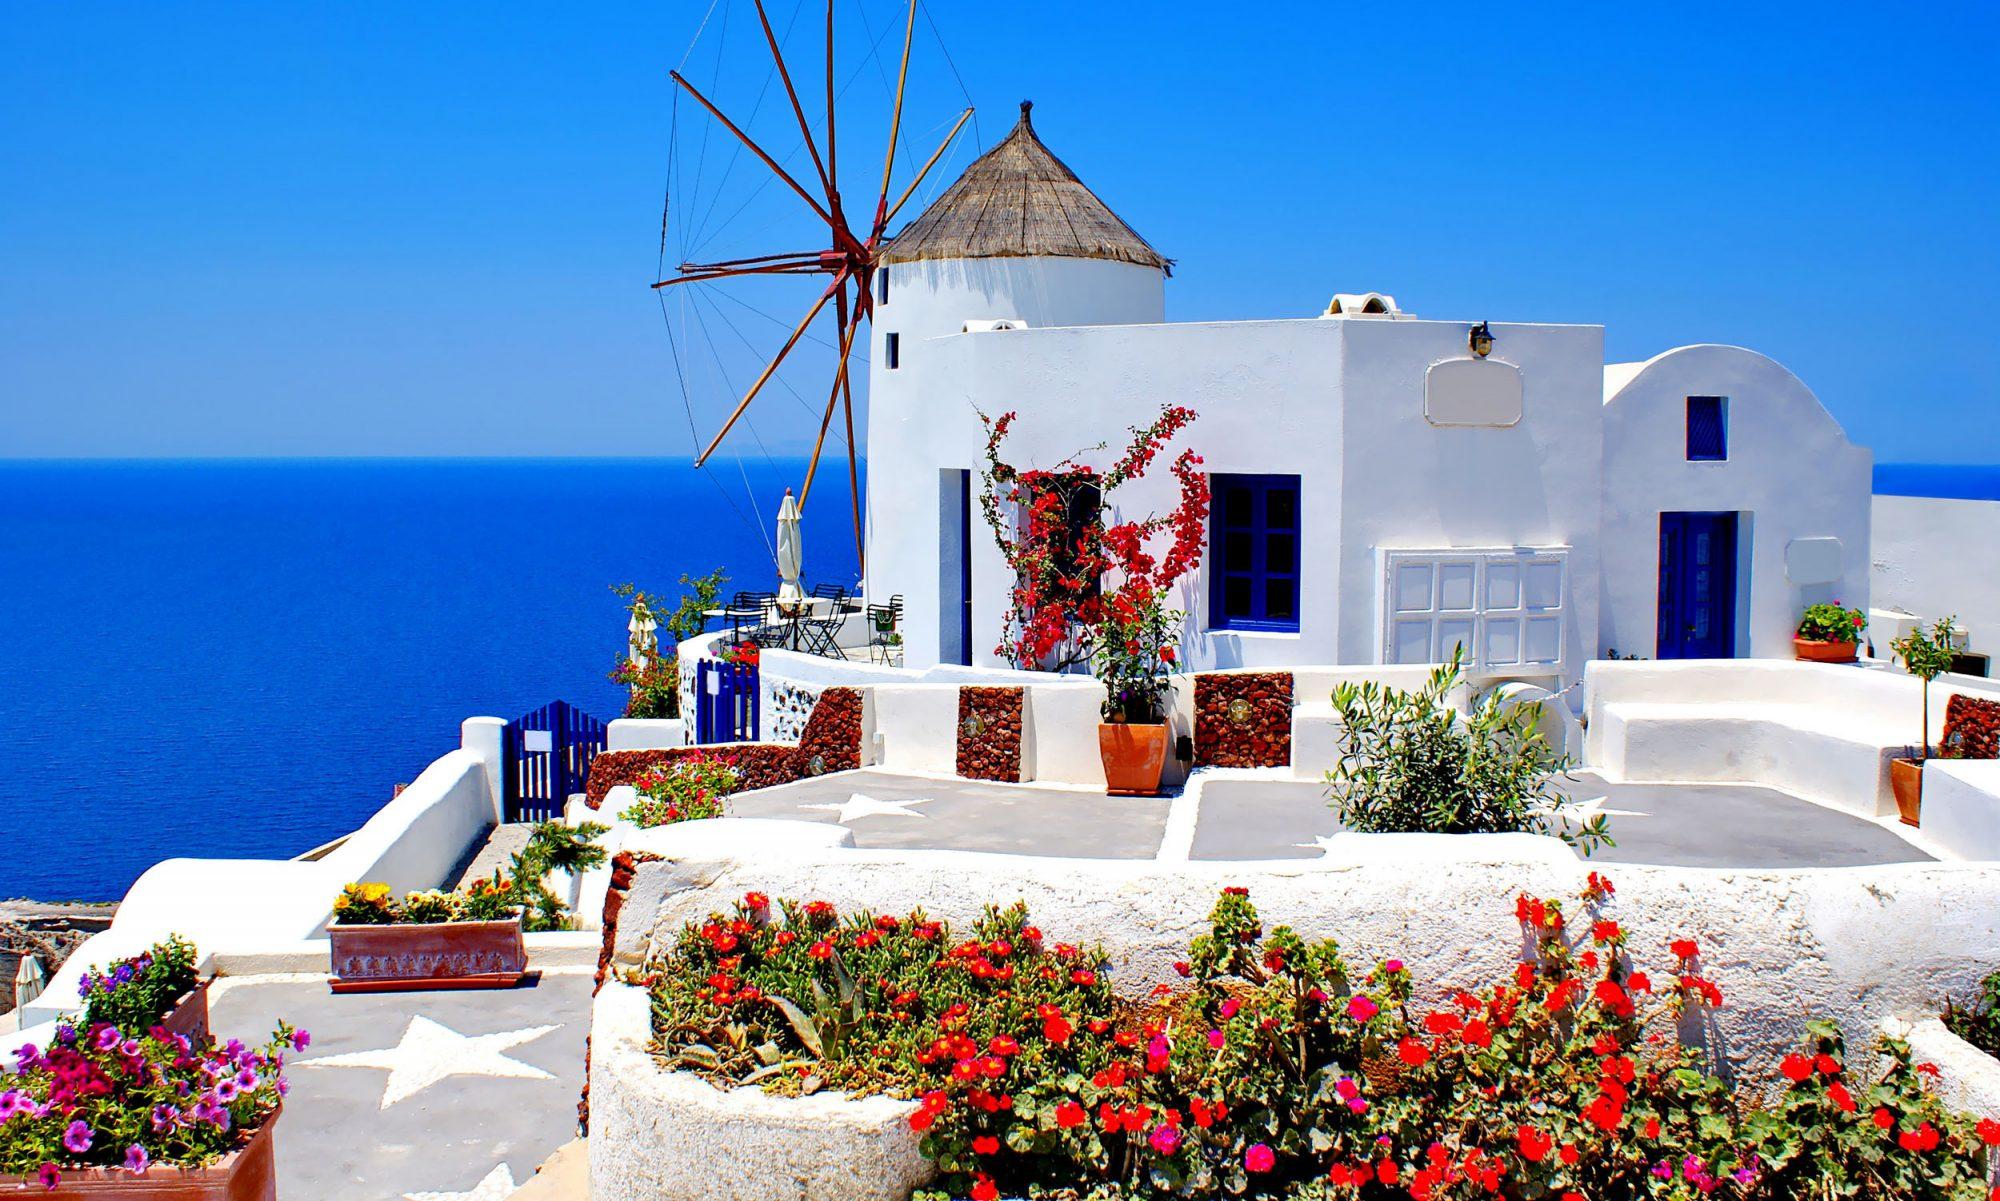 посадят автобусы, побережье греции фото в хорошем качестве сегодня мало